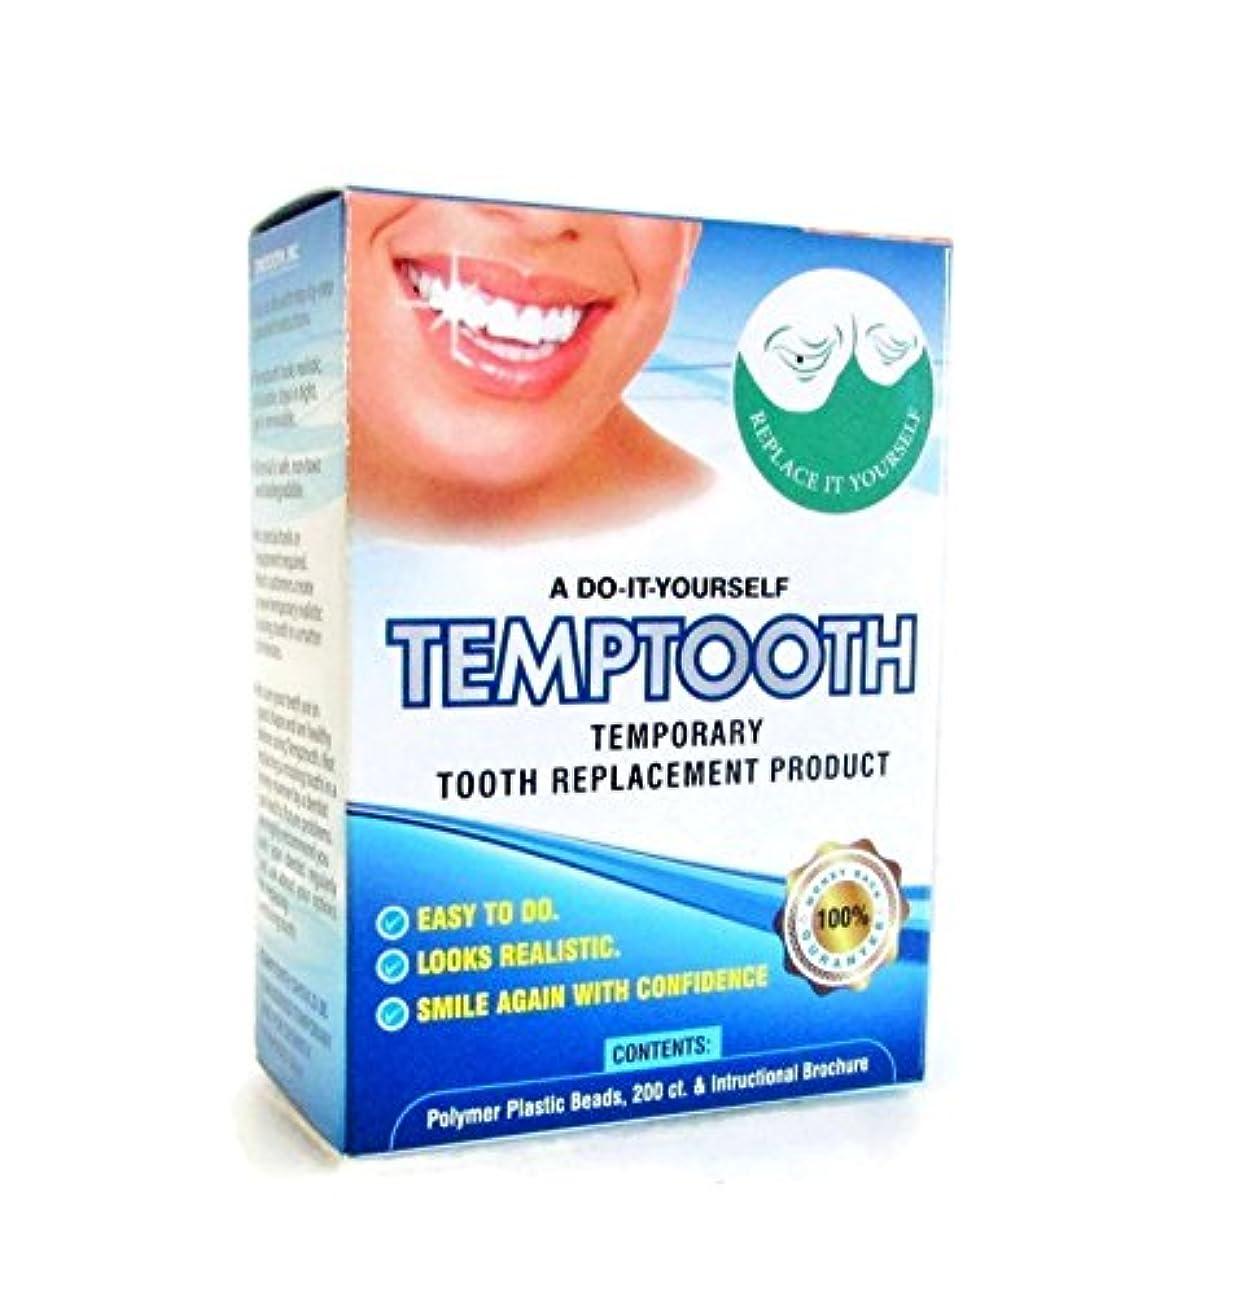 アンソロジー効果進化する自分で作るテンポラリー義歯/Temptooth Do It Yourself Tooth Replacement Product